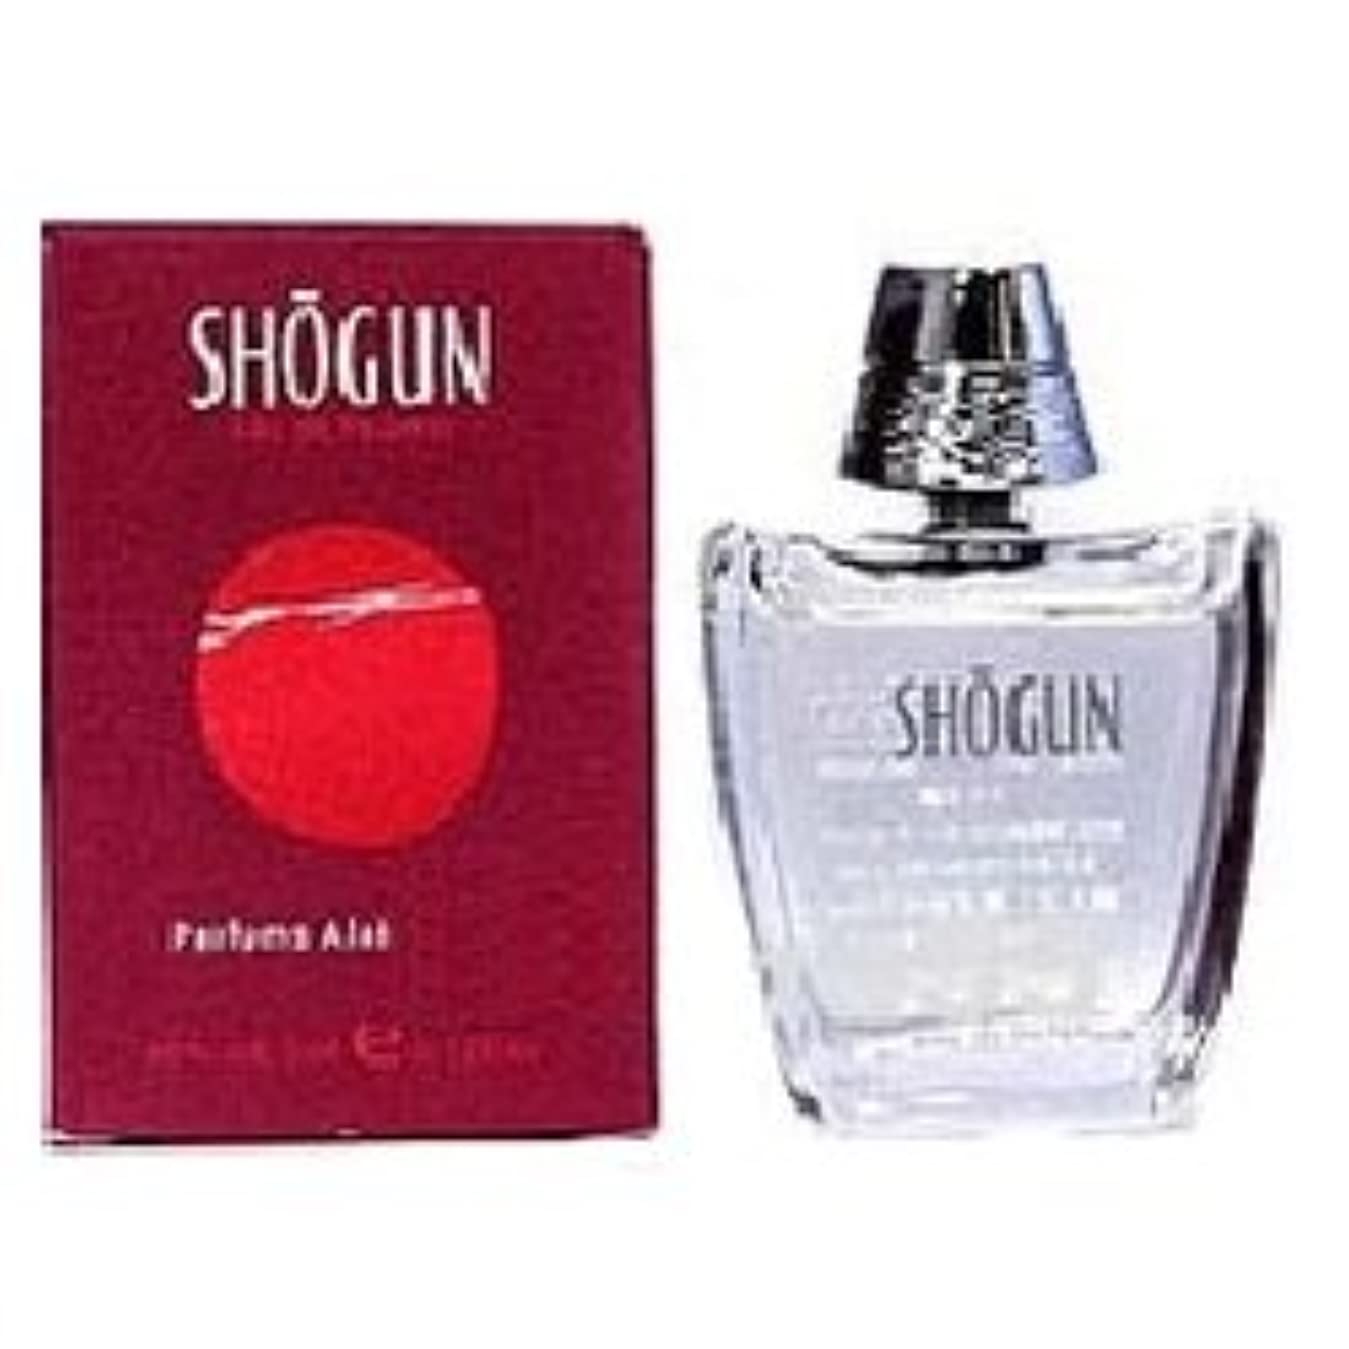 半径ガイドライン集めるアランドロン ショーグン EDT 5ml ミニ香水 ALAIN DELON